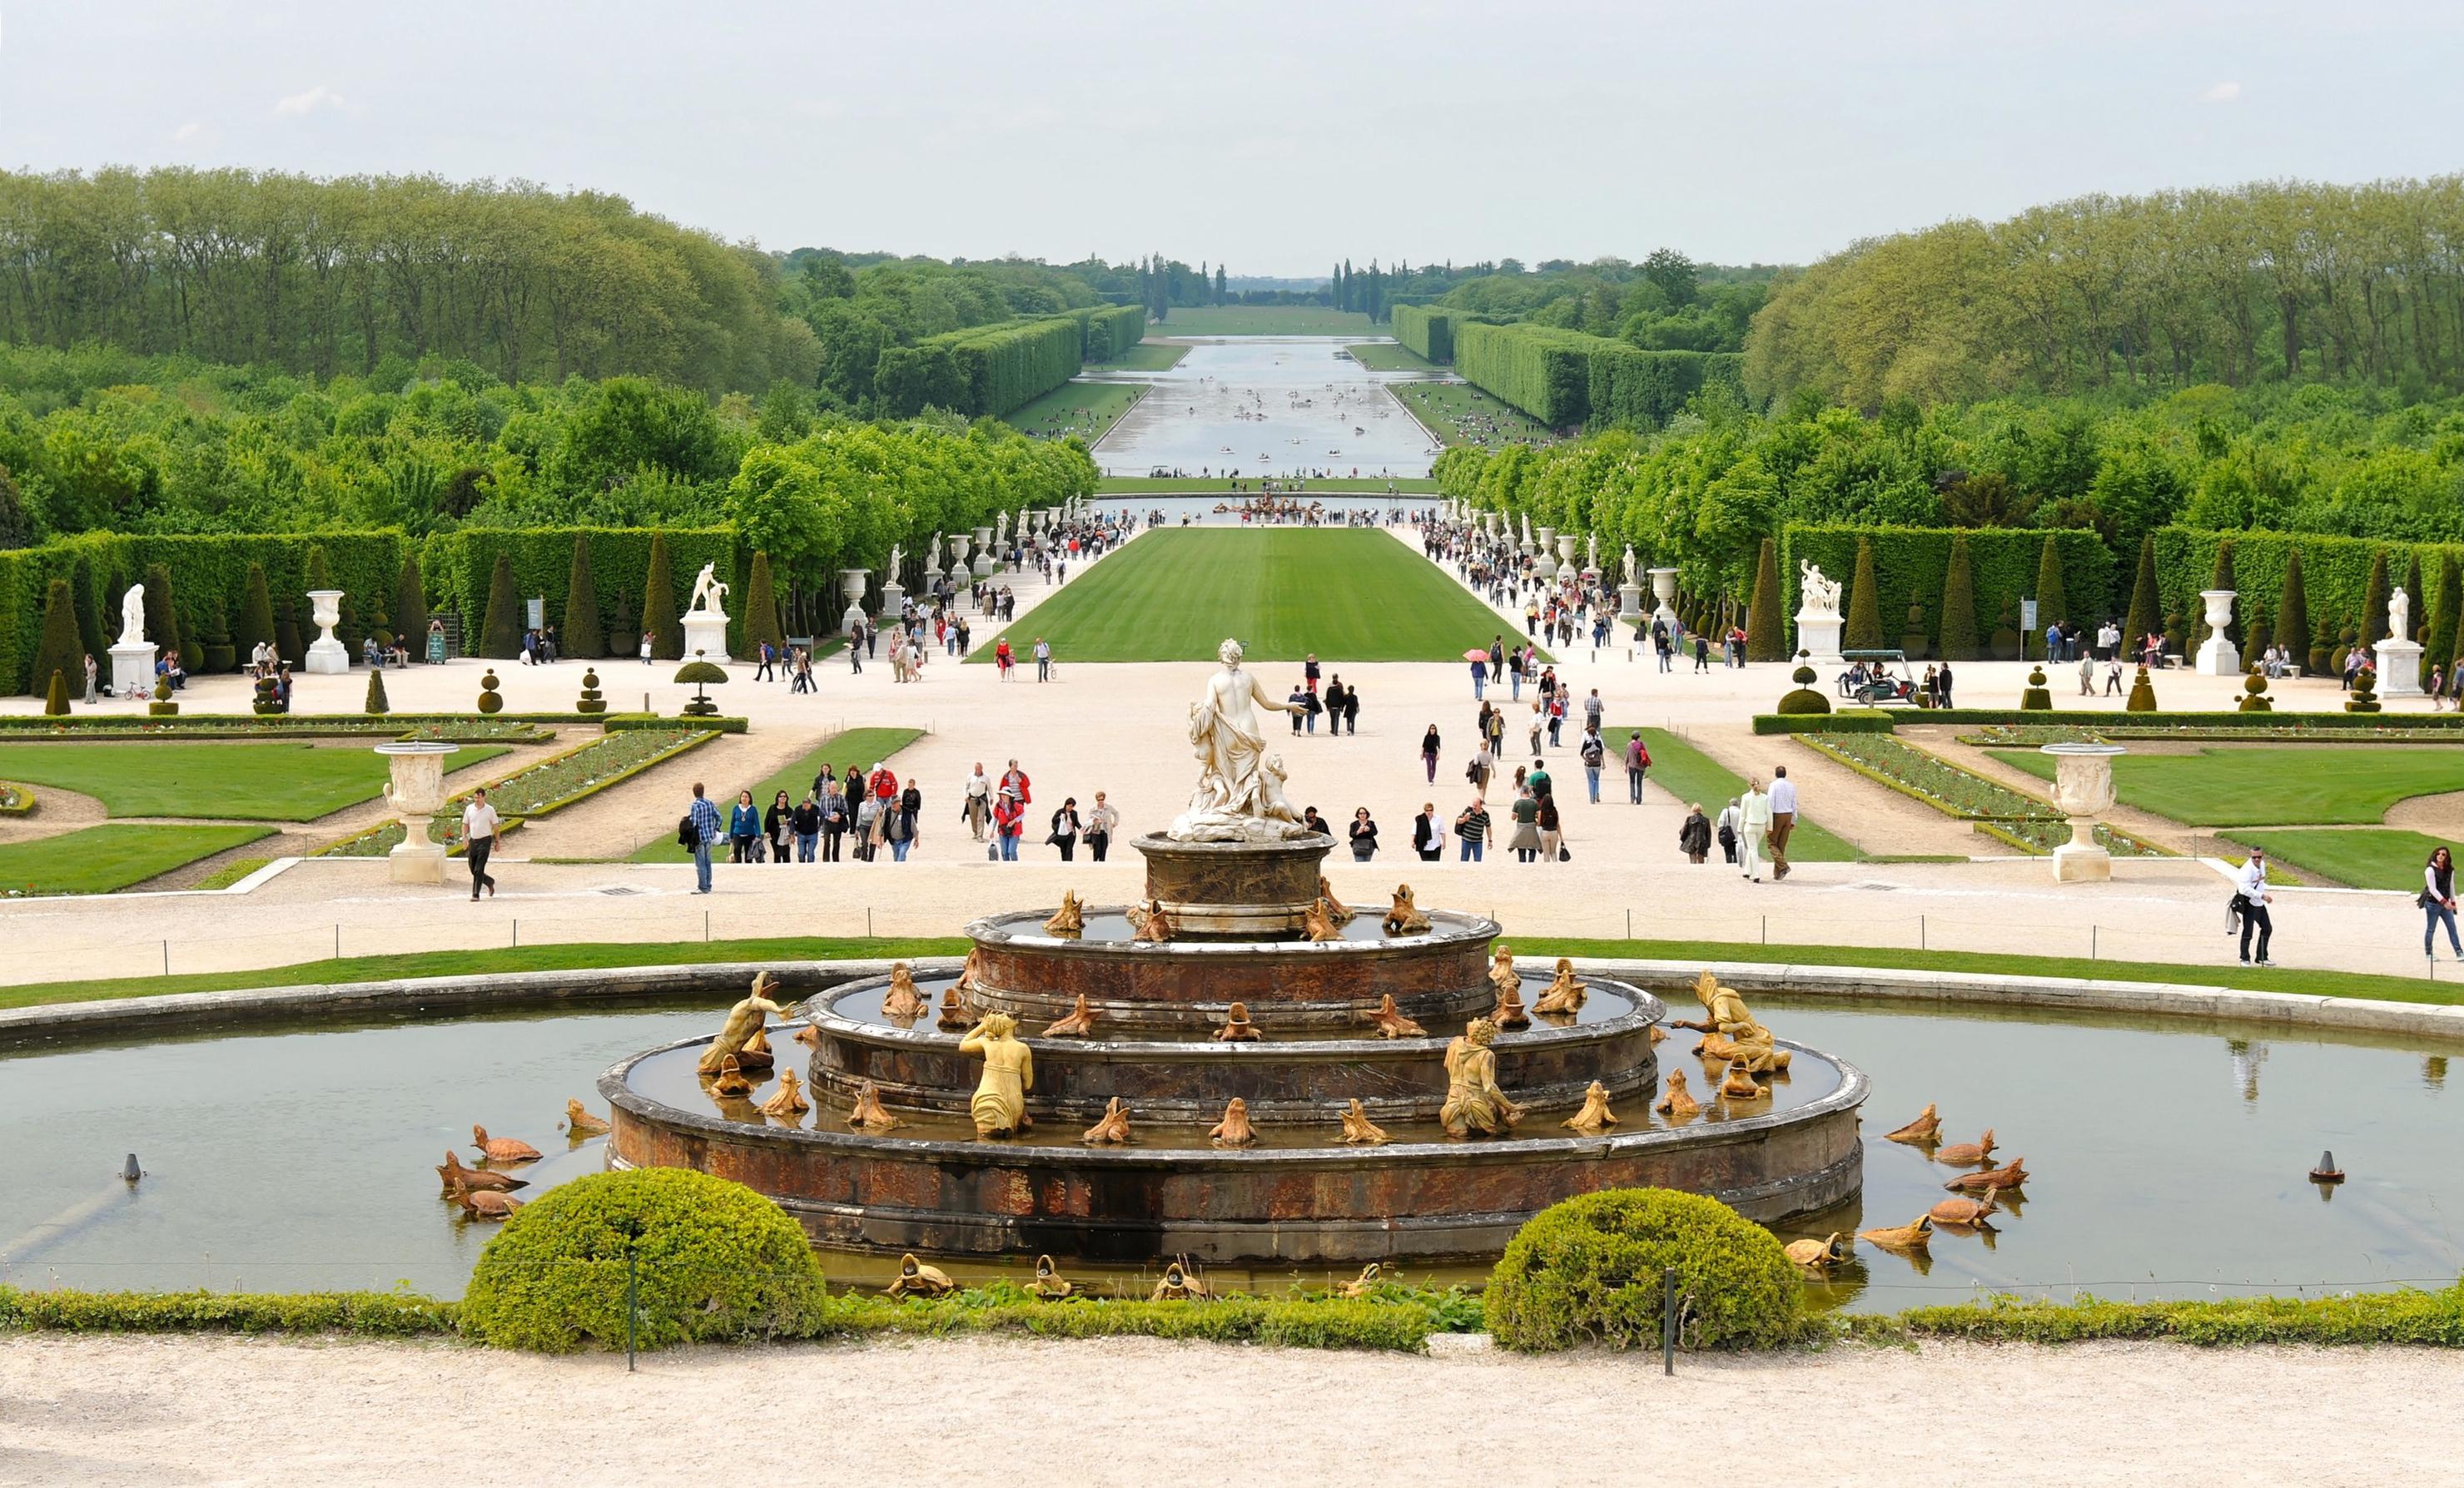 Chateau versailles archives page 10 of 15 chateau u - Comment aller au jardin du luxembourg ...